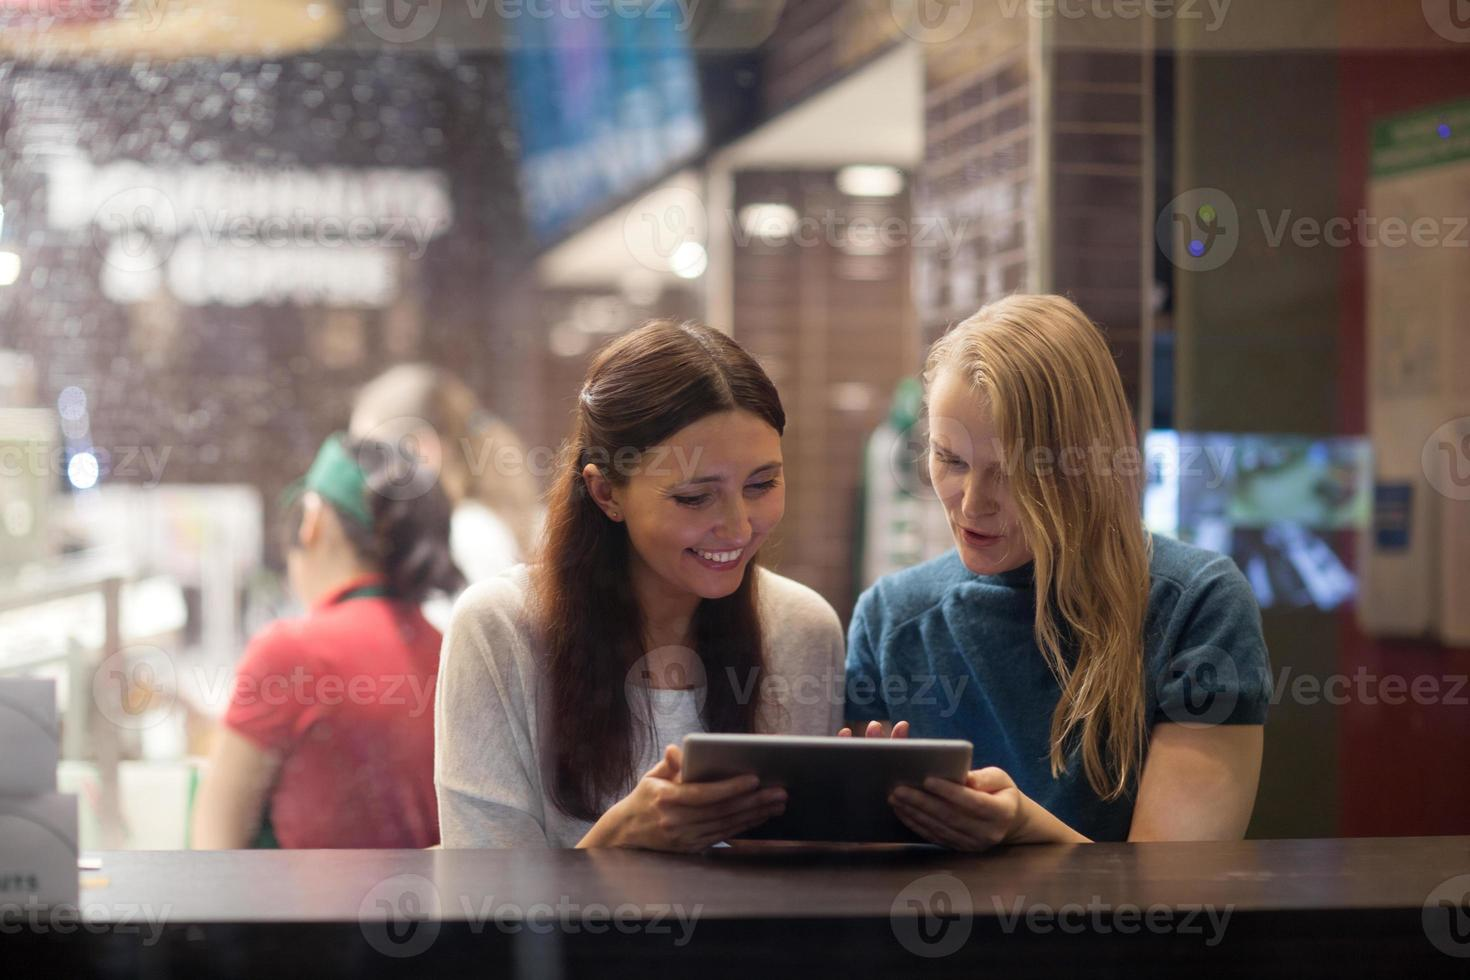 dos mujeres hablan alegremente en el restaurante usando tableta electrónica foto